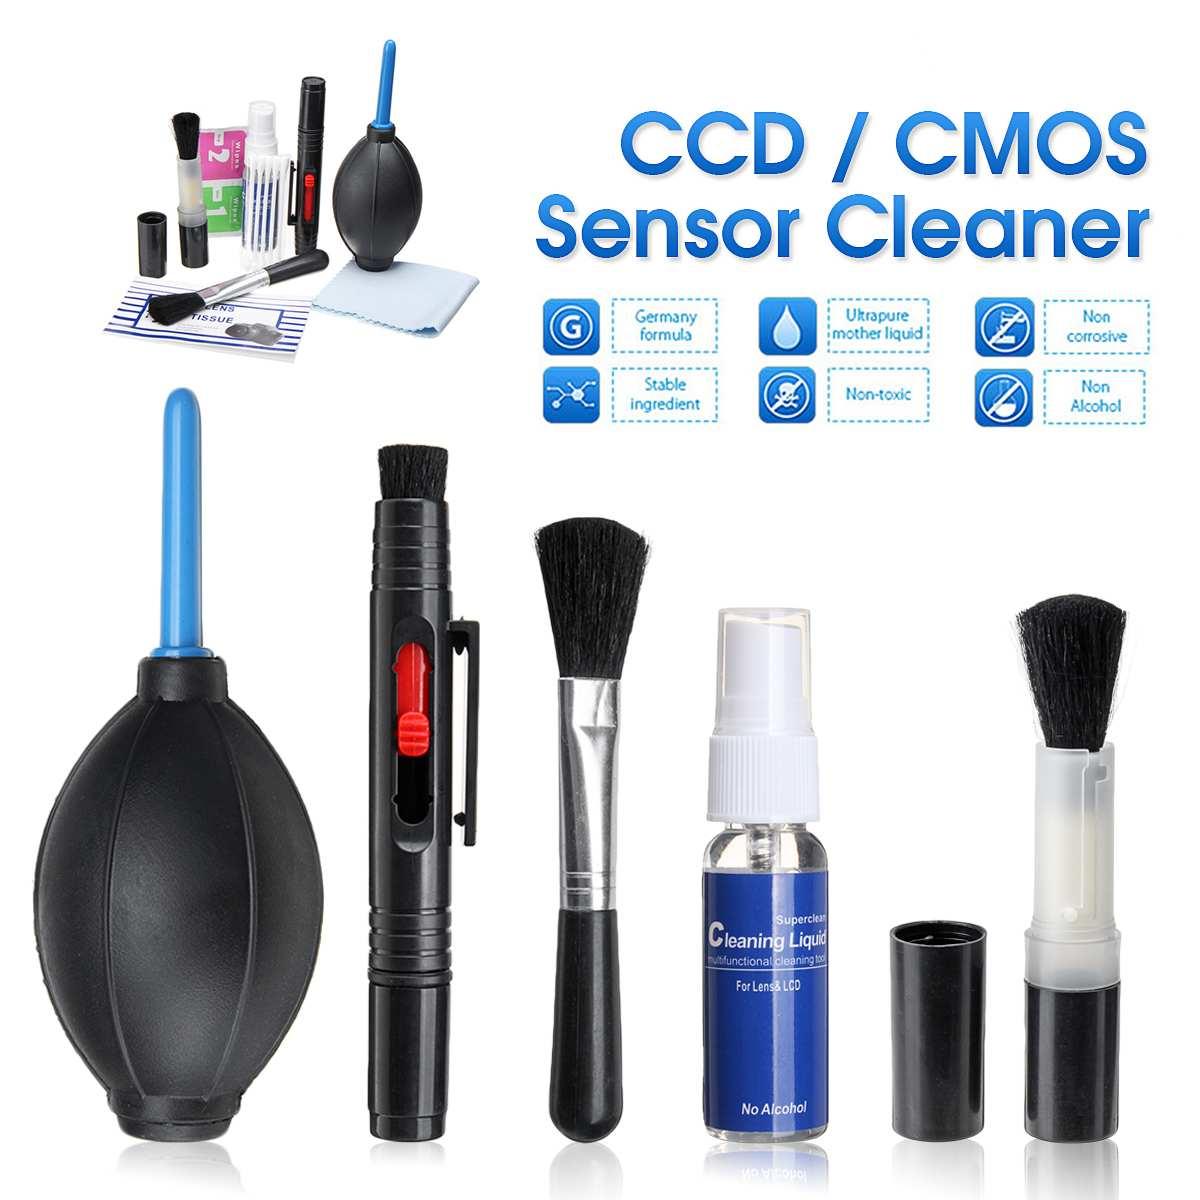 9 em 1 cmos/ccd sensor limpeza cotonete líquido mais limpo lente caneta kit para dslr câmera tela do telefone móvel lente óptica sem estática